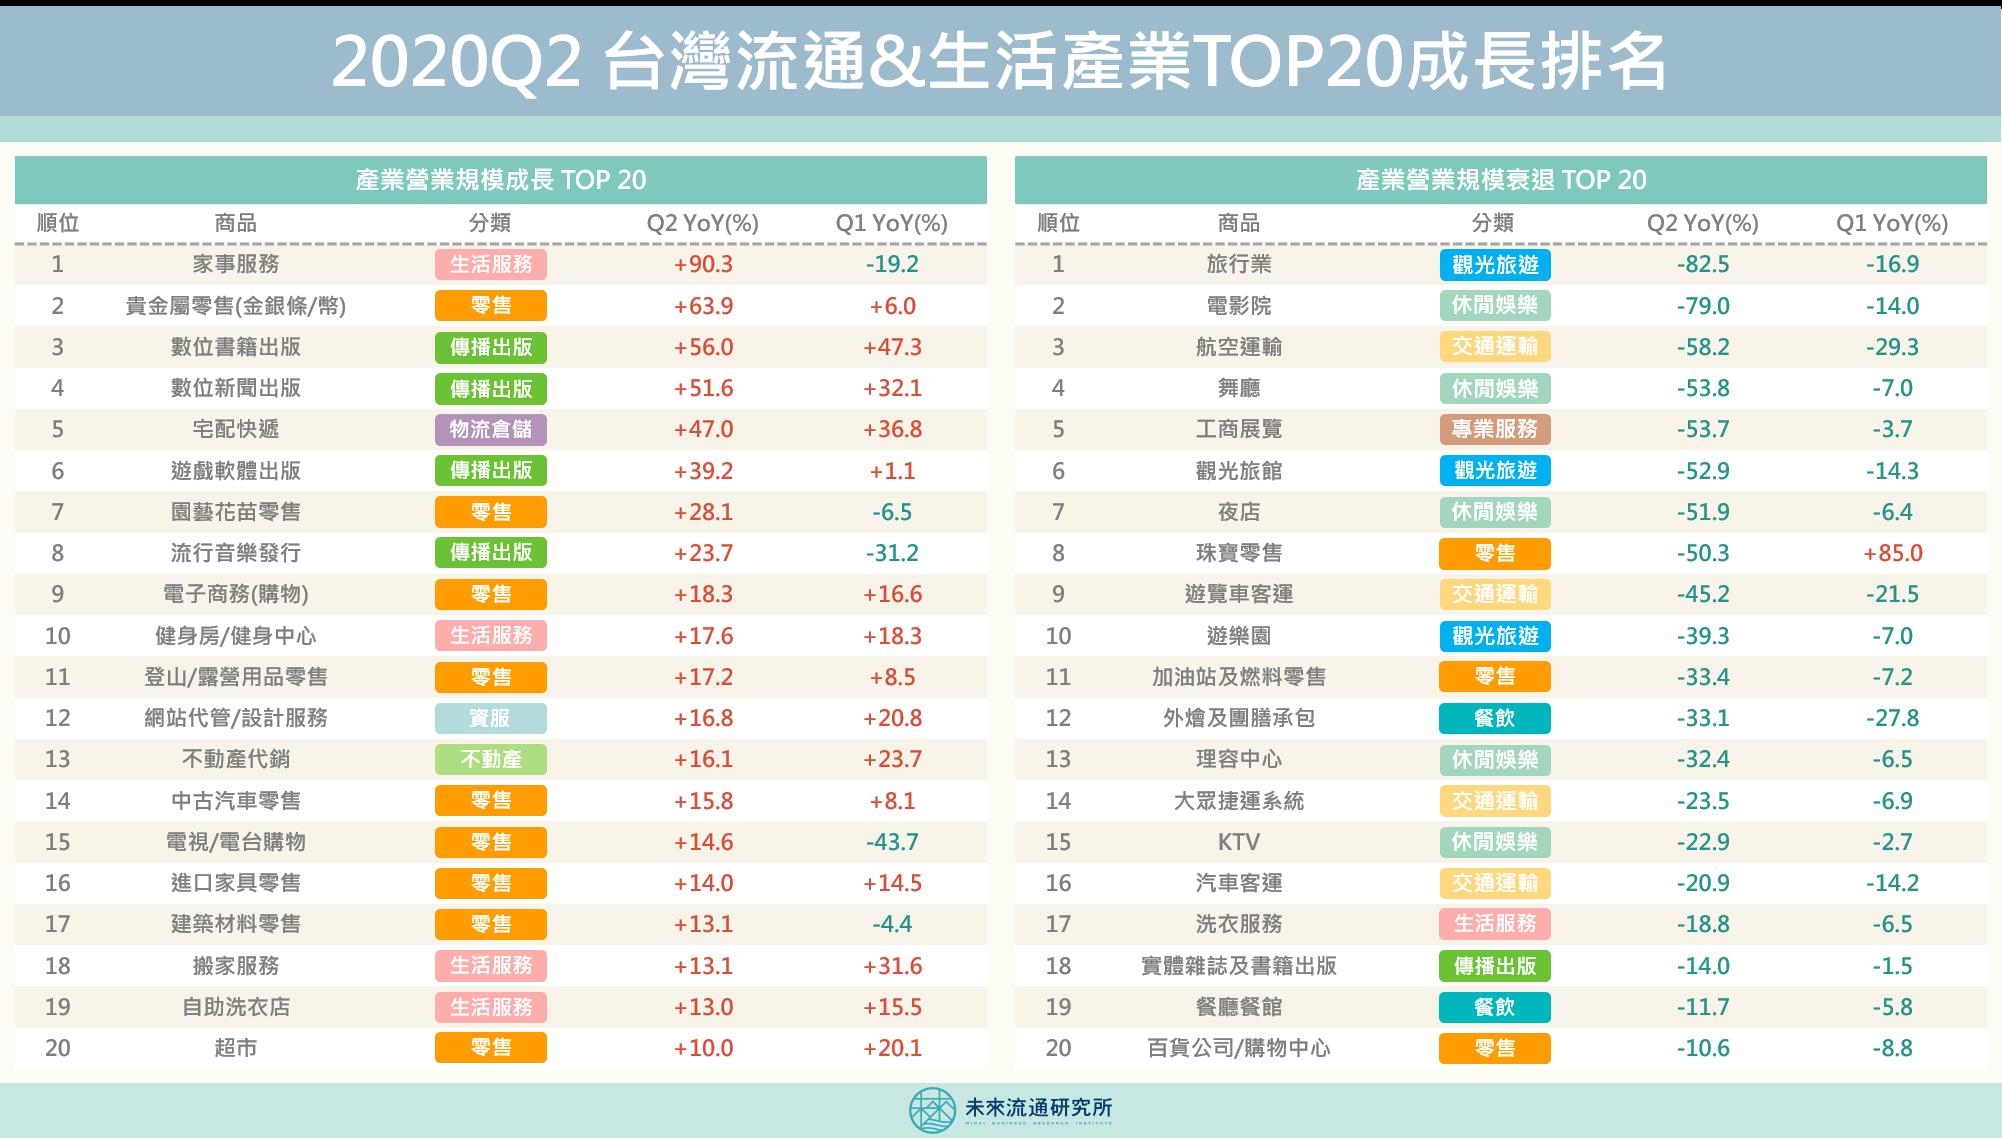 2020【商業數據圖解】第二季台灣流通&生活產業成長排名